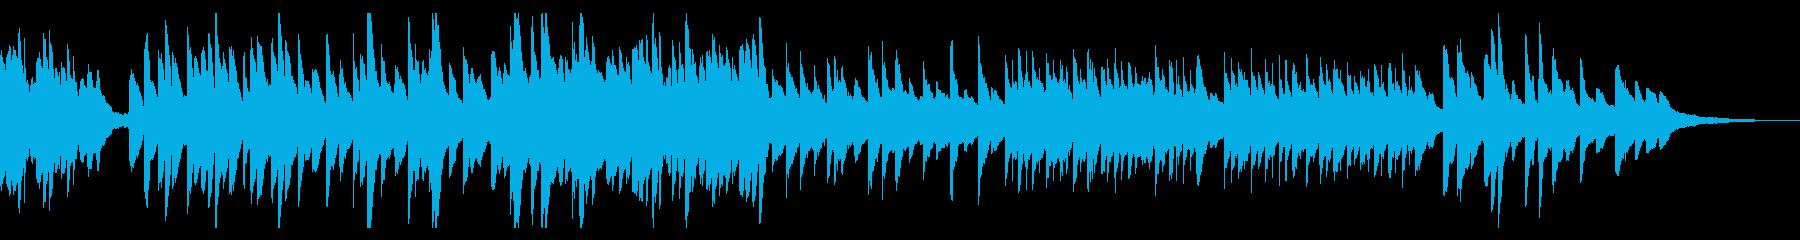 懐かしくて大切な何かを思い出すピアノソロの再生済みの波形